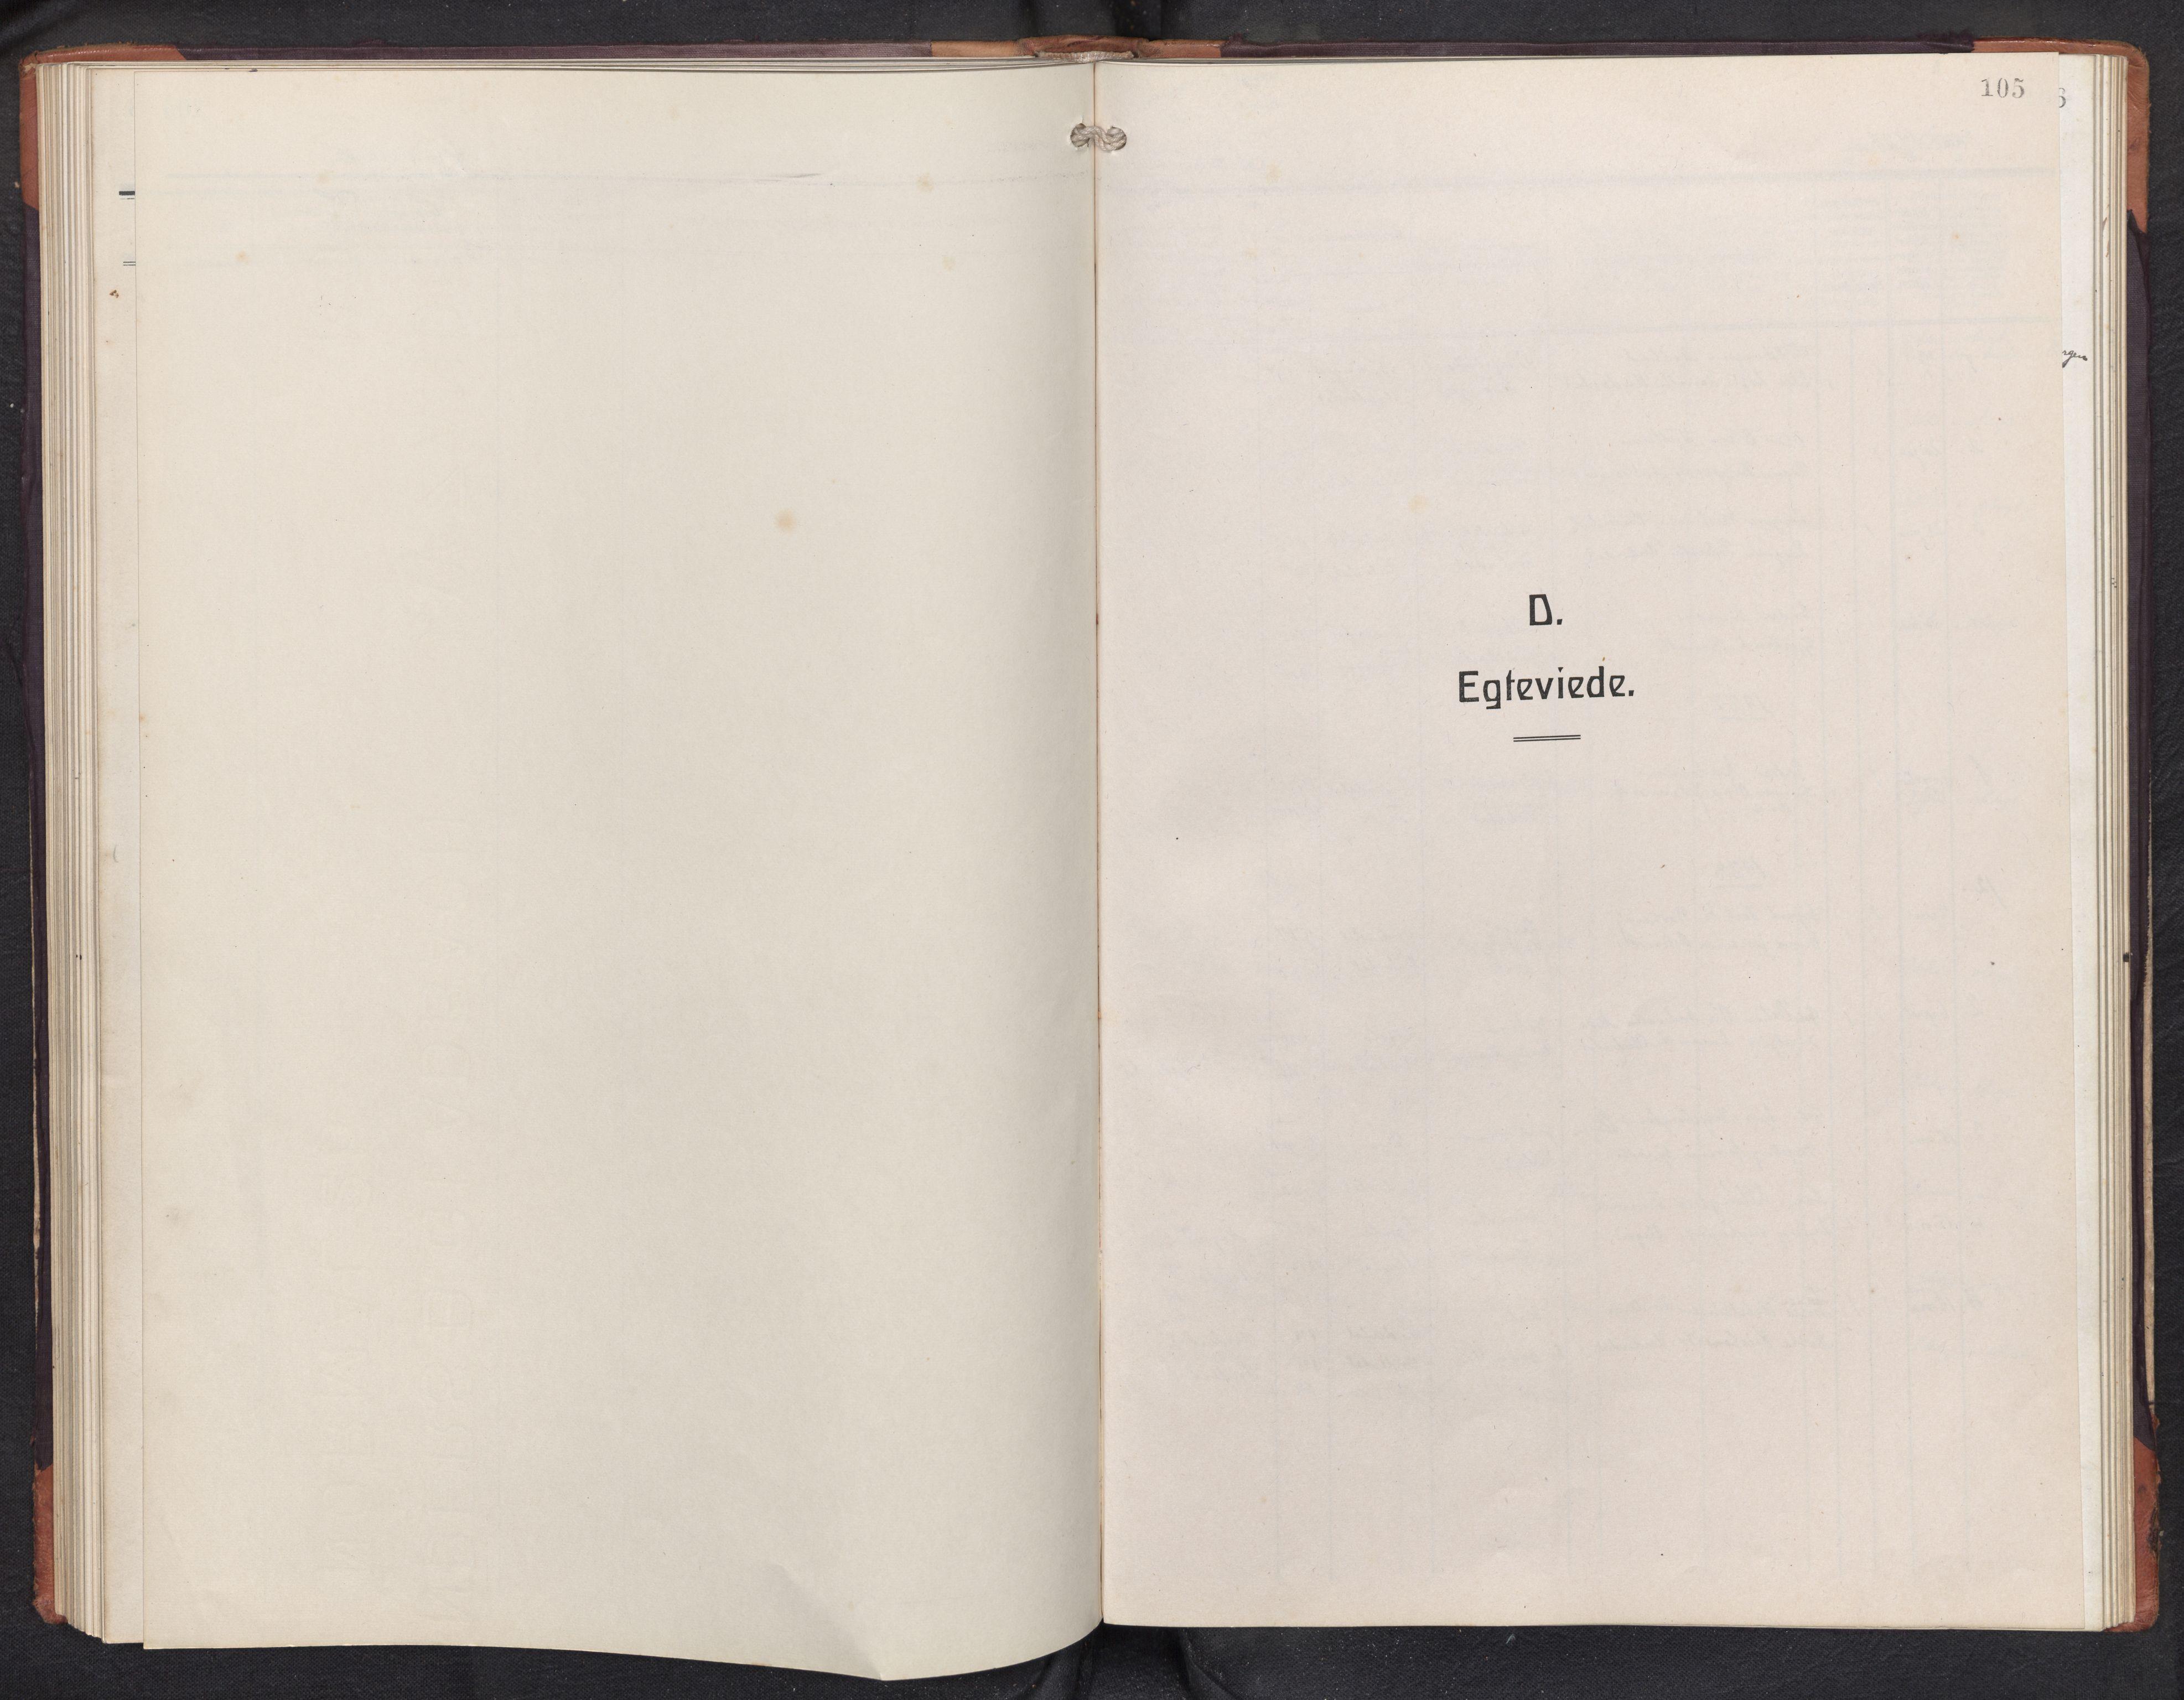 SAB, Aurland sokneprestembete, H/Hb/Hbd/L0003: Parish register (copy) no. D 3, 1920-1968, p. 104b-105a